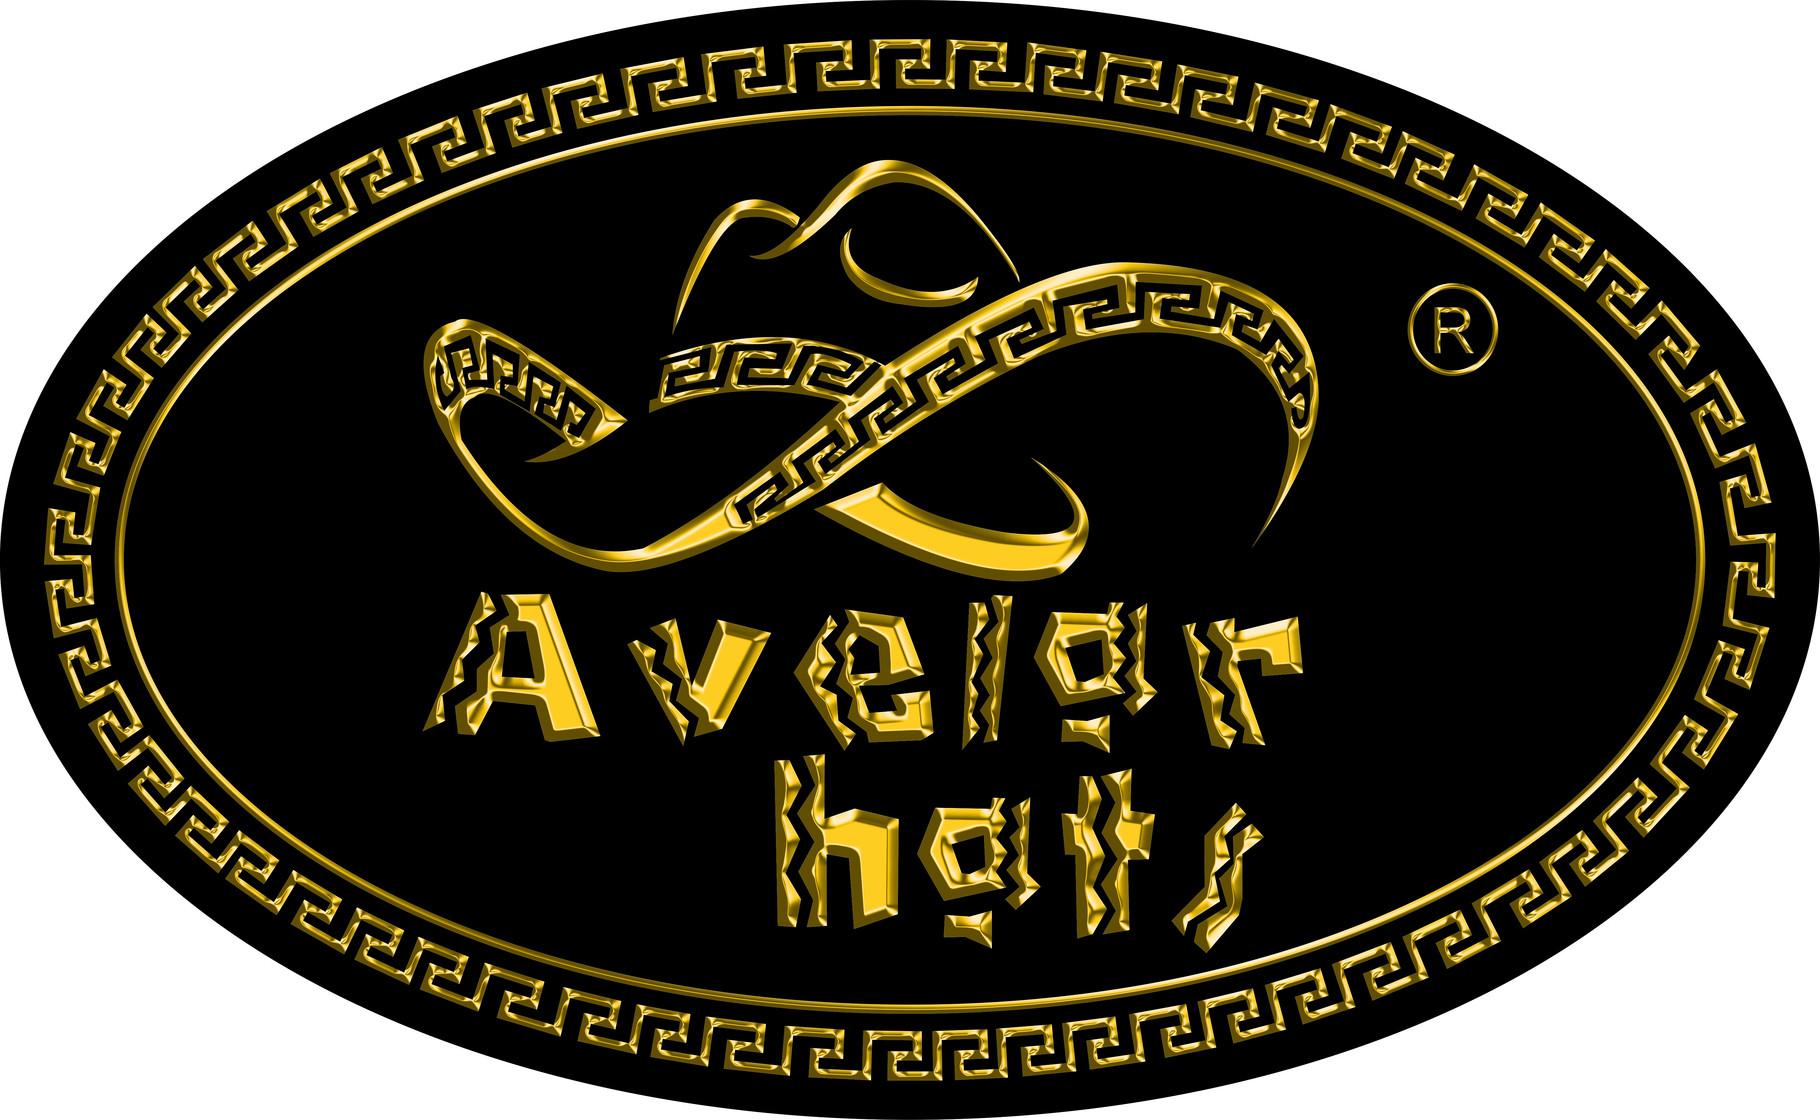 5071b4d377b17 Sombreros Avelar - Avelar hats   Gorras charras - Sombreros Avelar